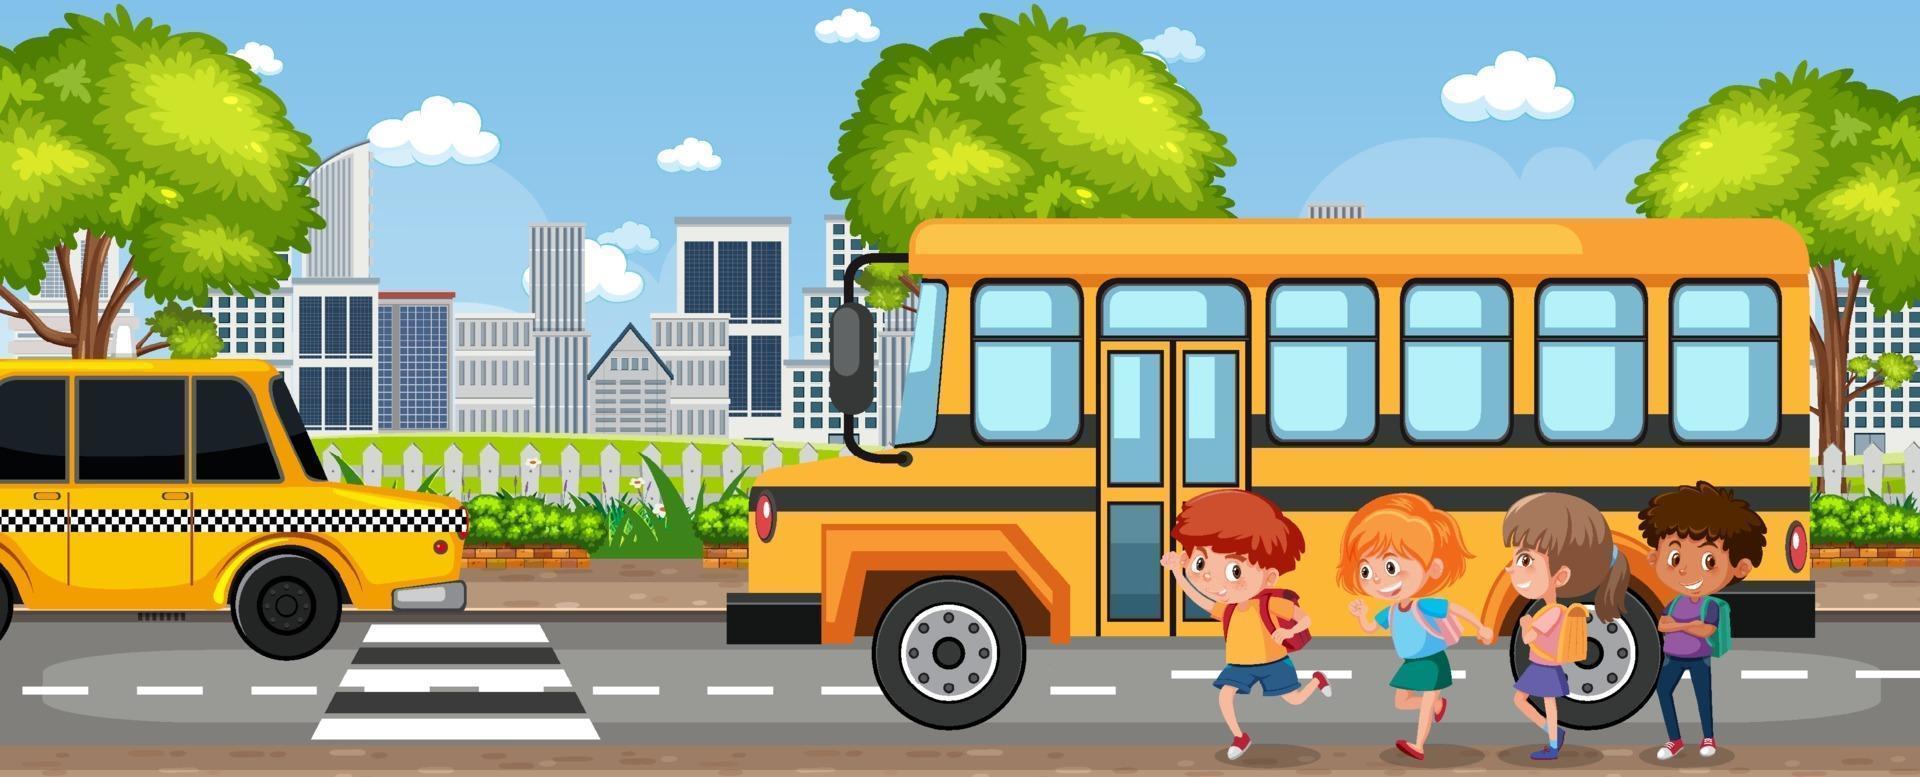 Schüler geht mit dem Schulbus zur Schule vektor